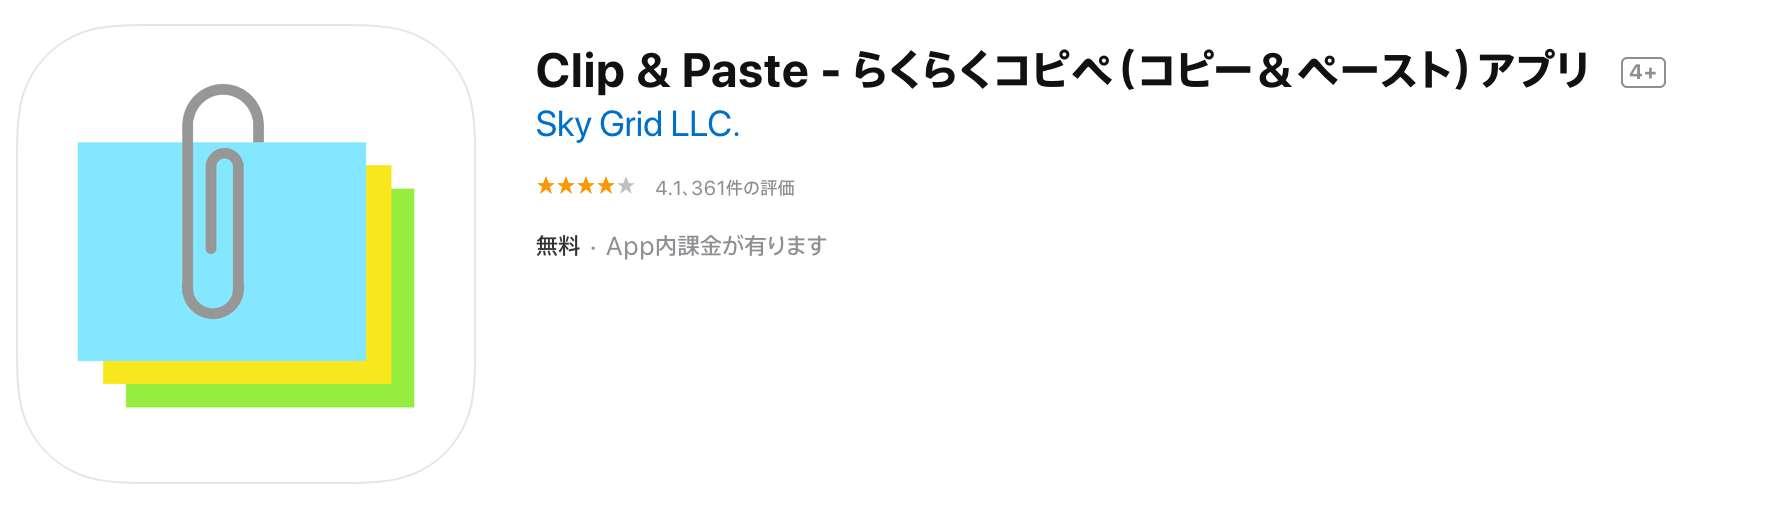 【iOS】アプリ「Clip & Paste - らくらくコピペ」の使い方